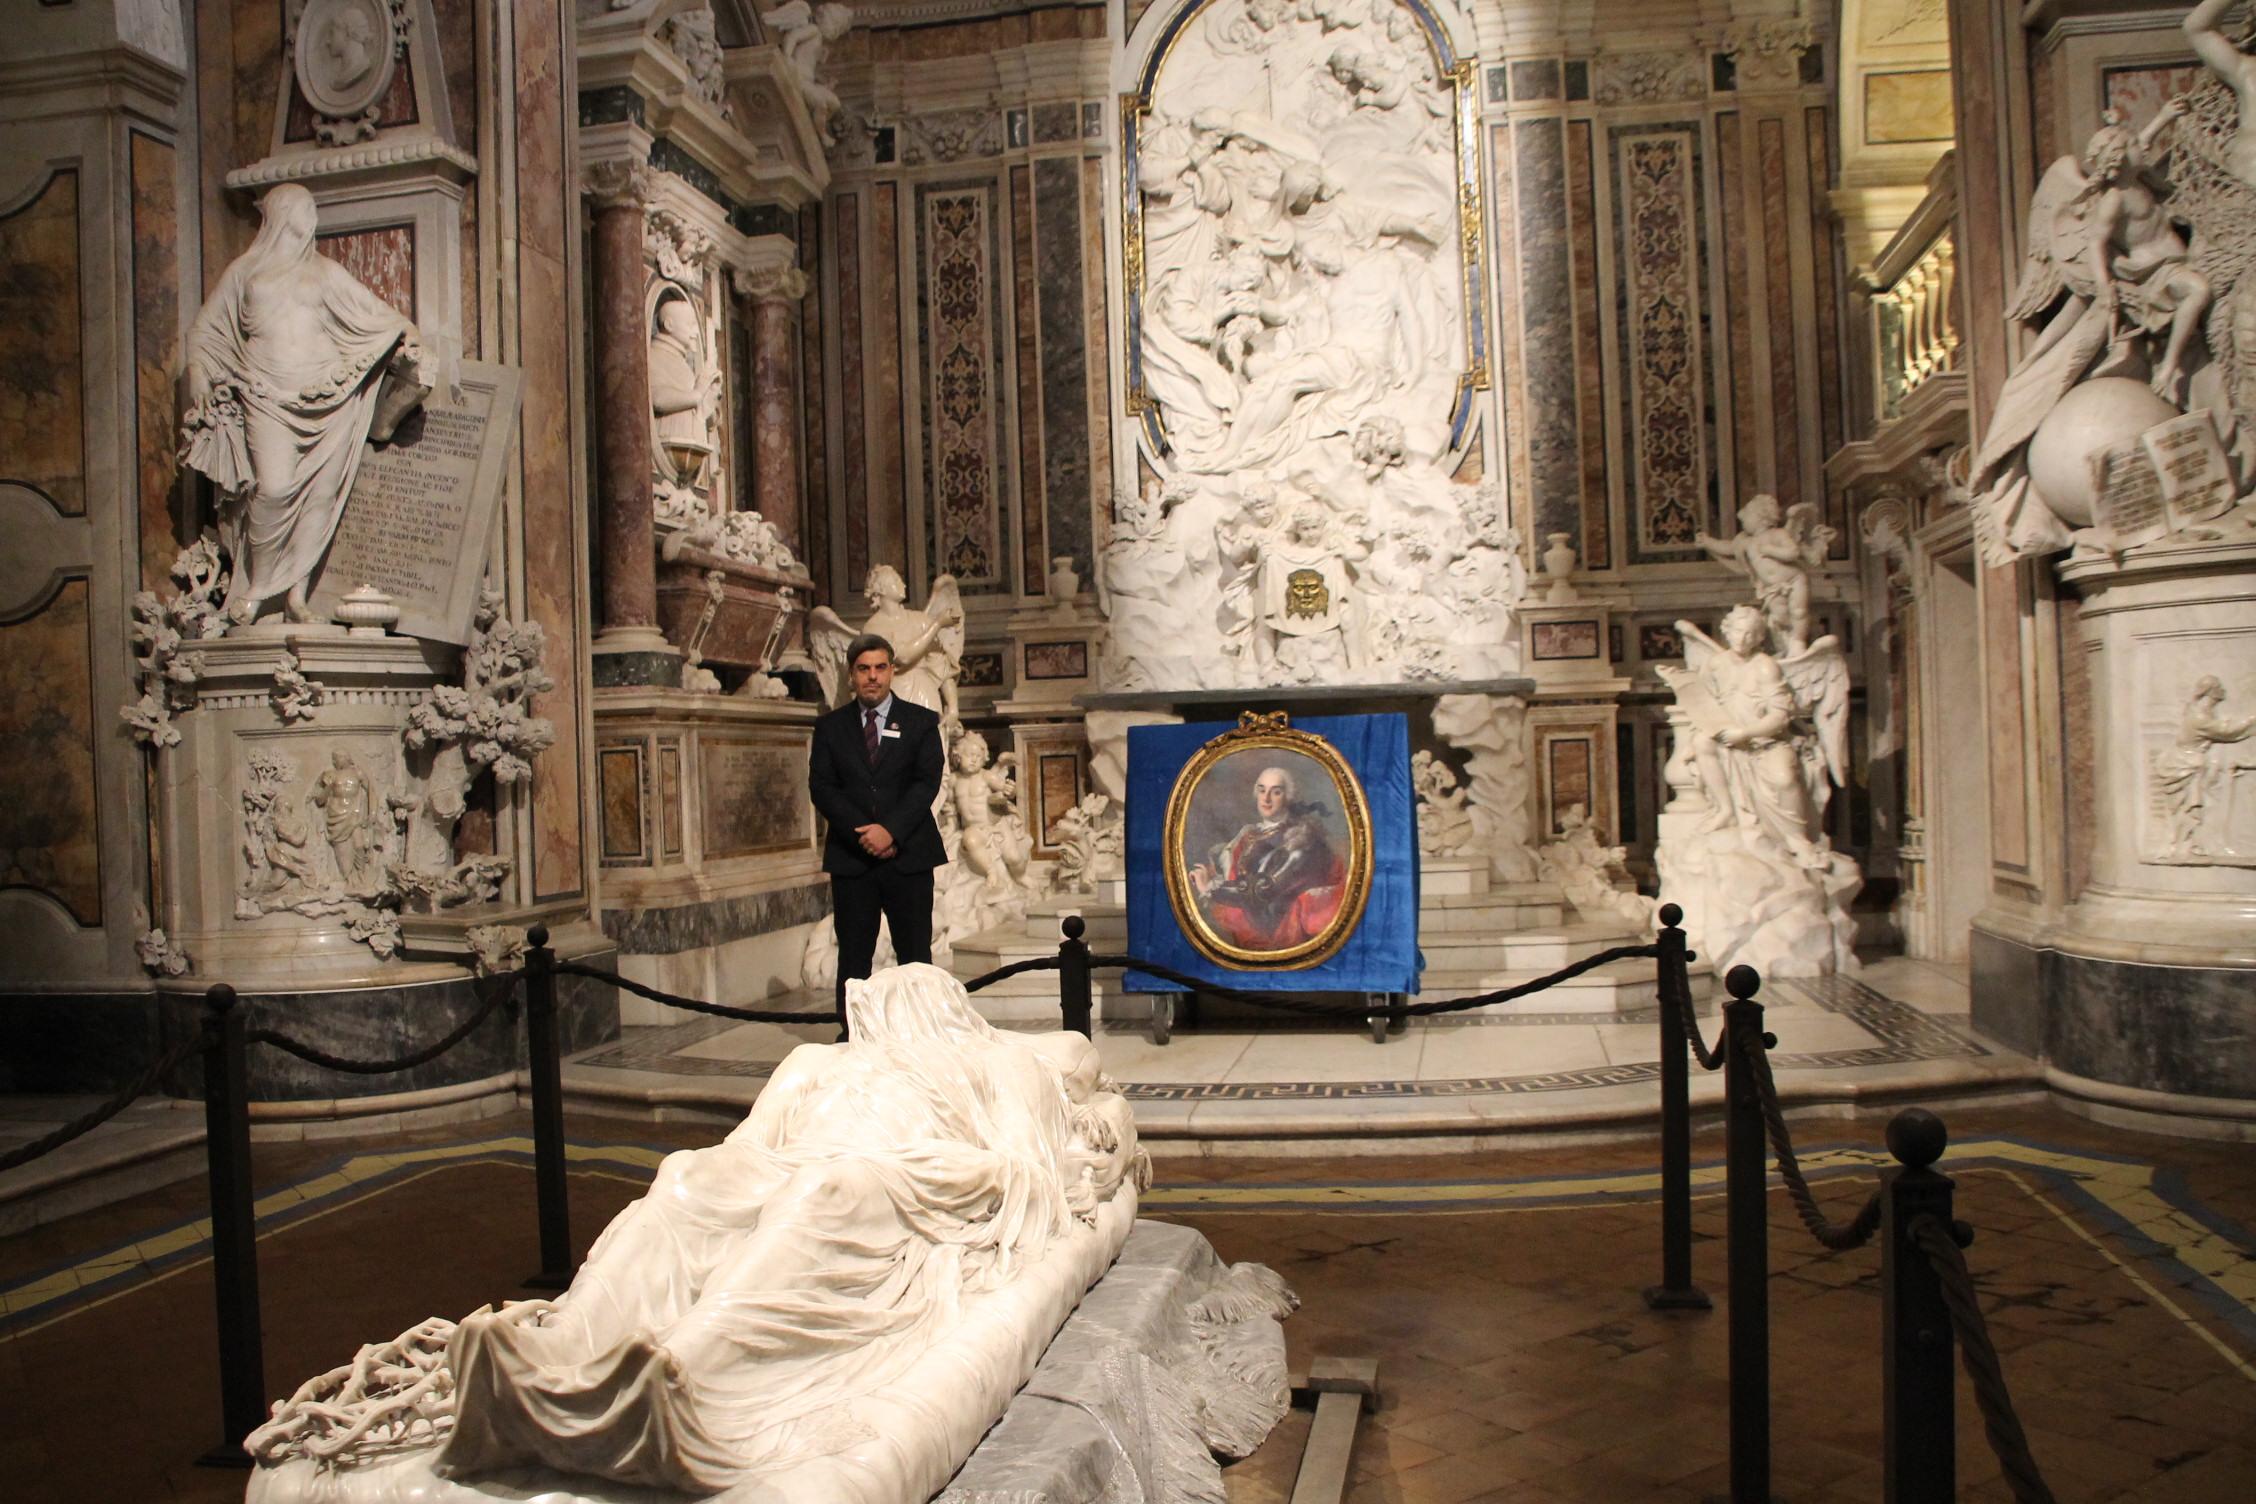 A Cappella Sansevero si festeggia il compleanno del Principe: biglietti ridotti per vedere il nuovo ritratto di Raimondo di Sangro acquisito